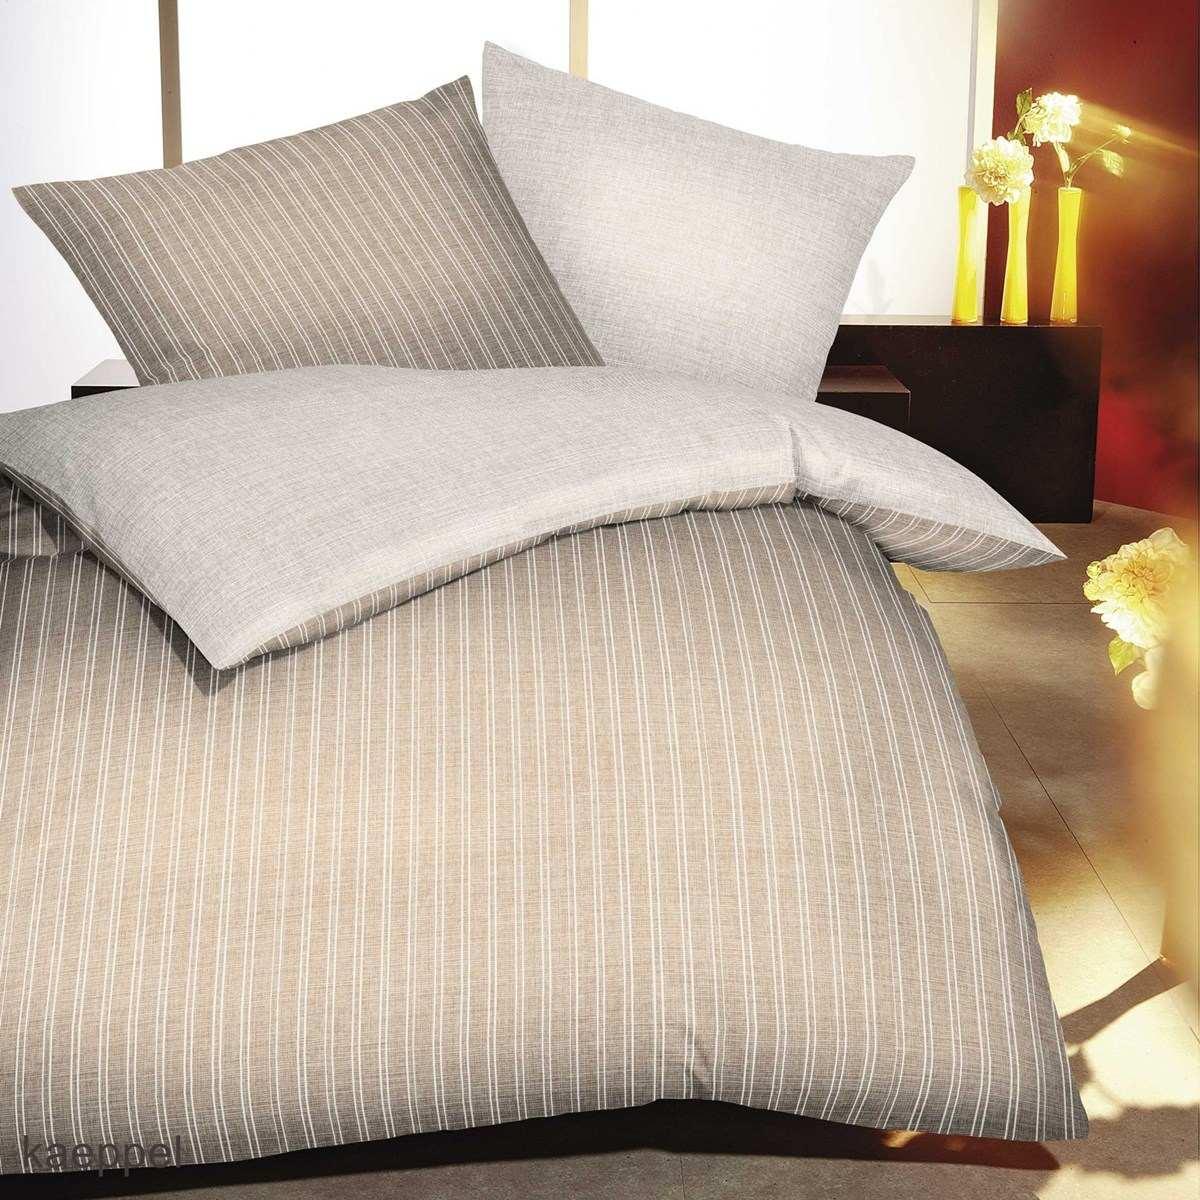 mako satin bettw sche essential natur creme g nstig kaufen. Black Bedroom Furniture Sets. Home Design Ideas